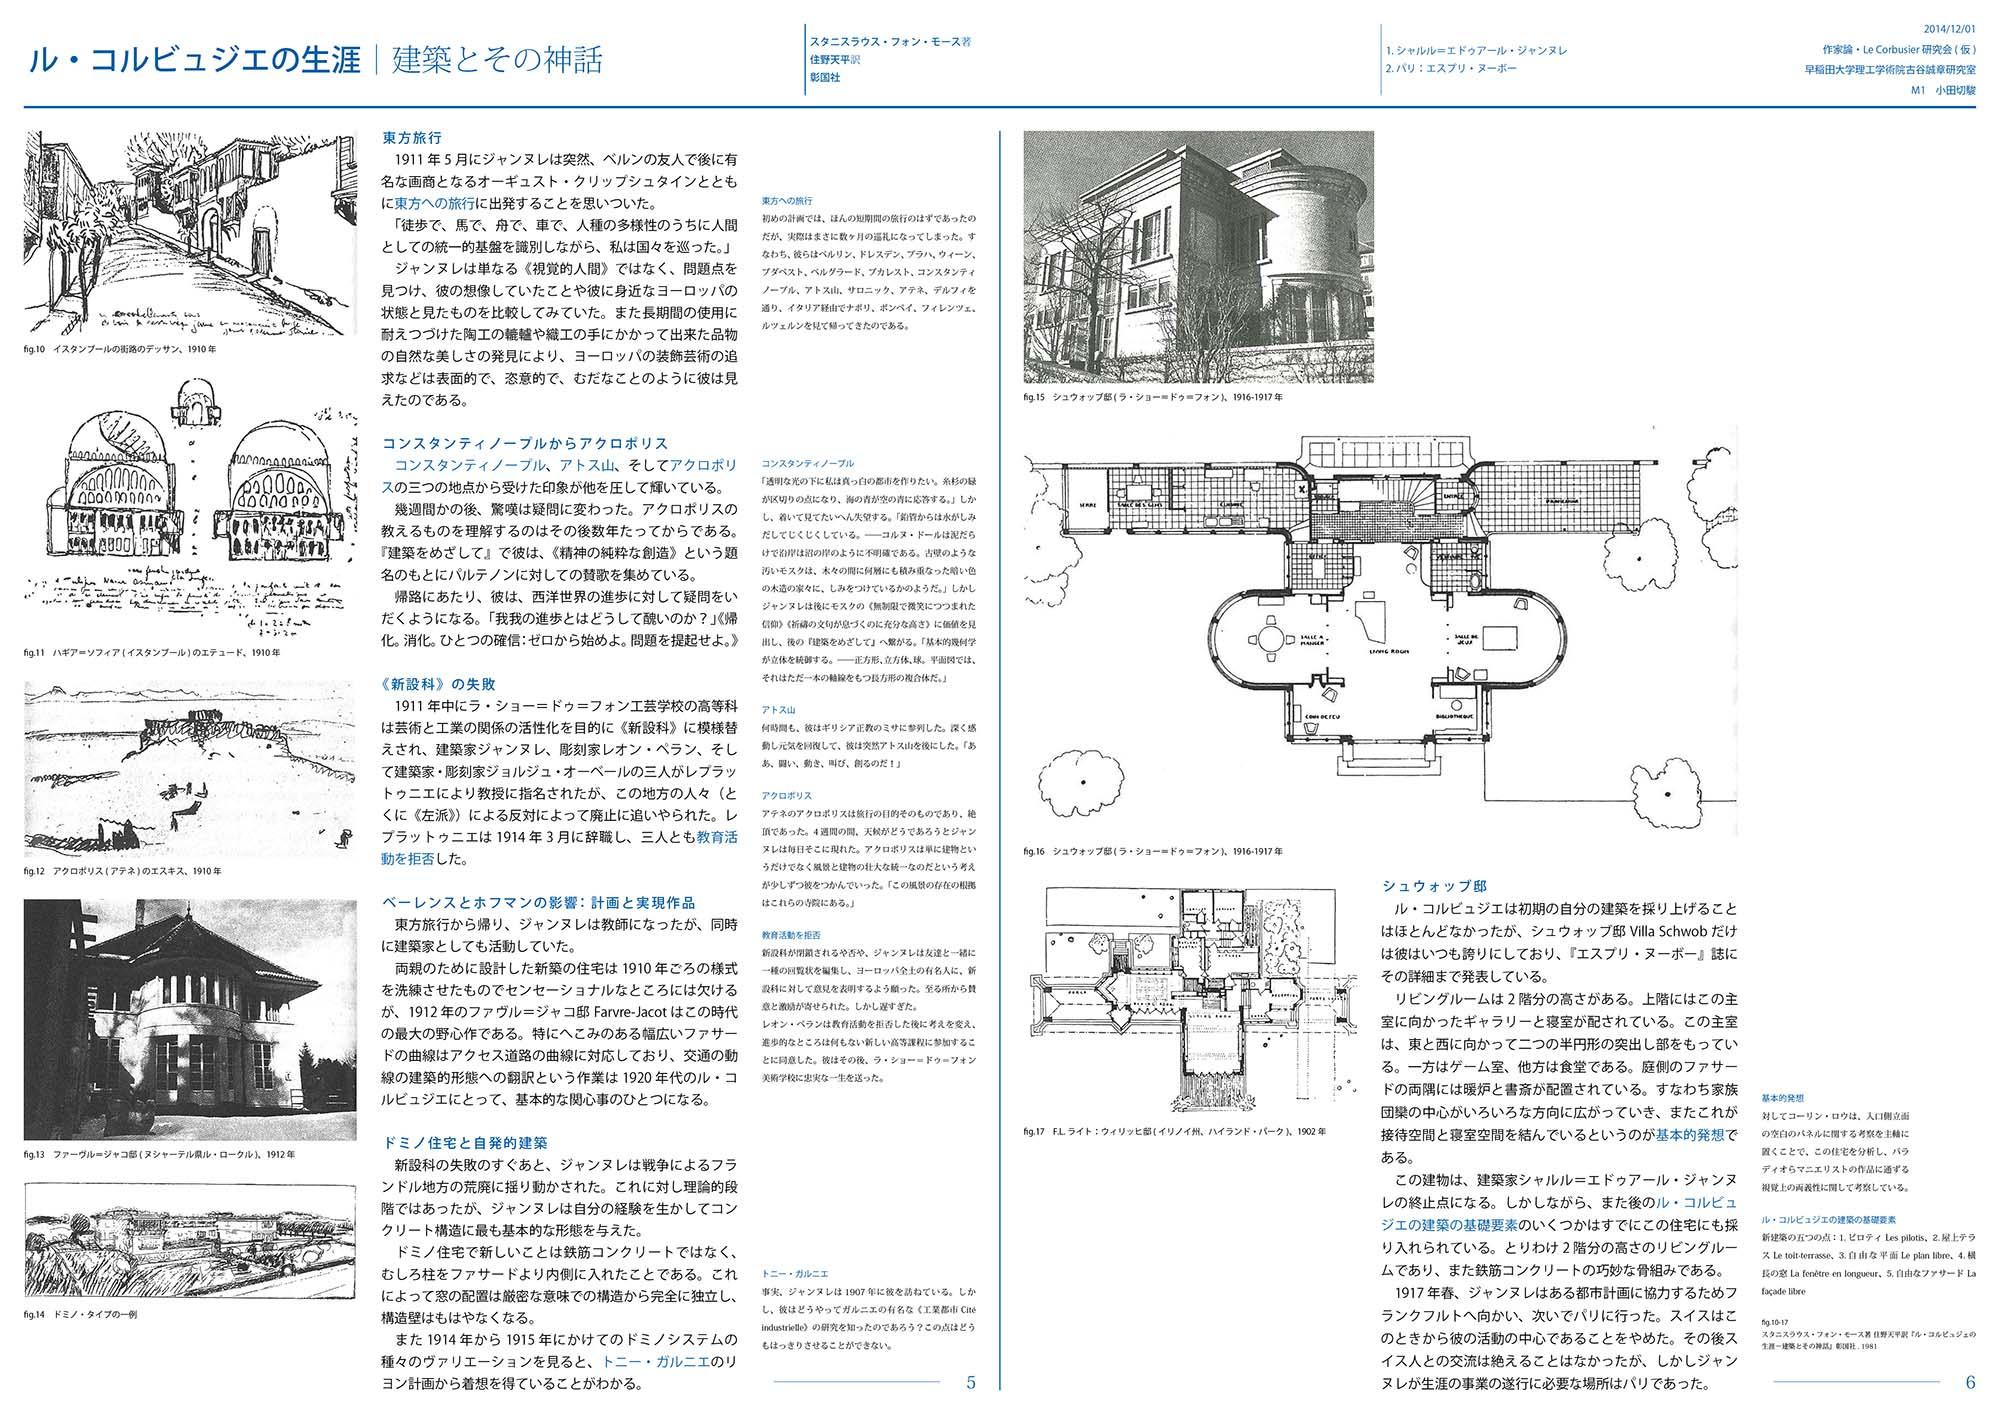 20141211-20141201_1_odagiri3.jpg